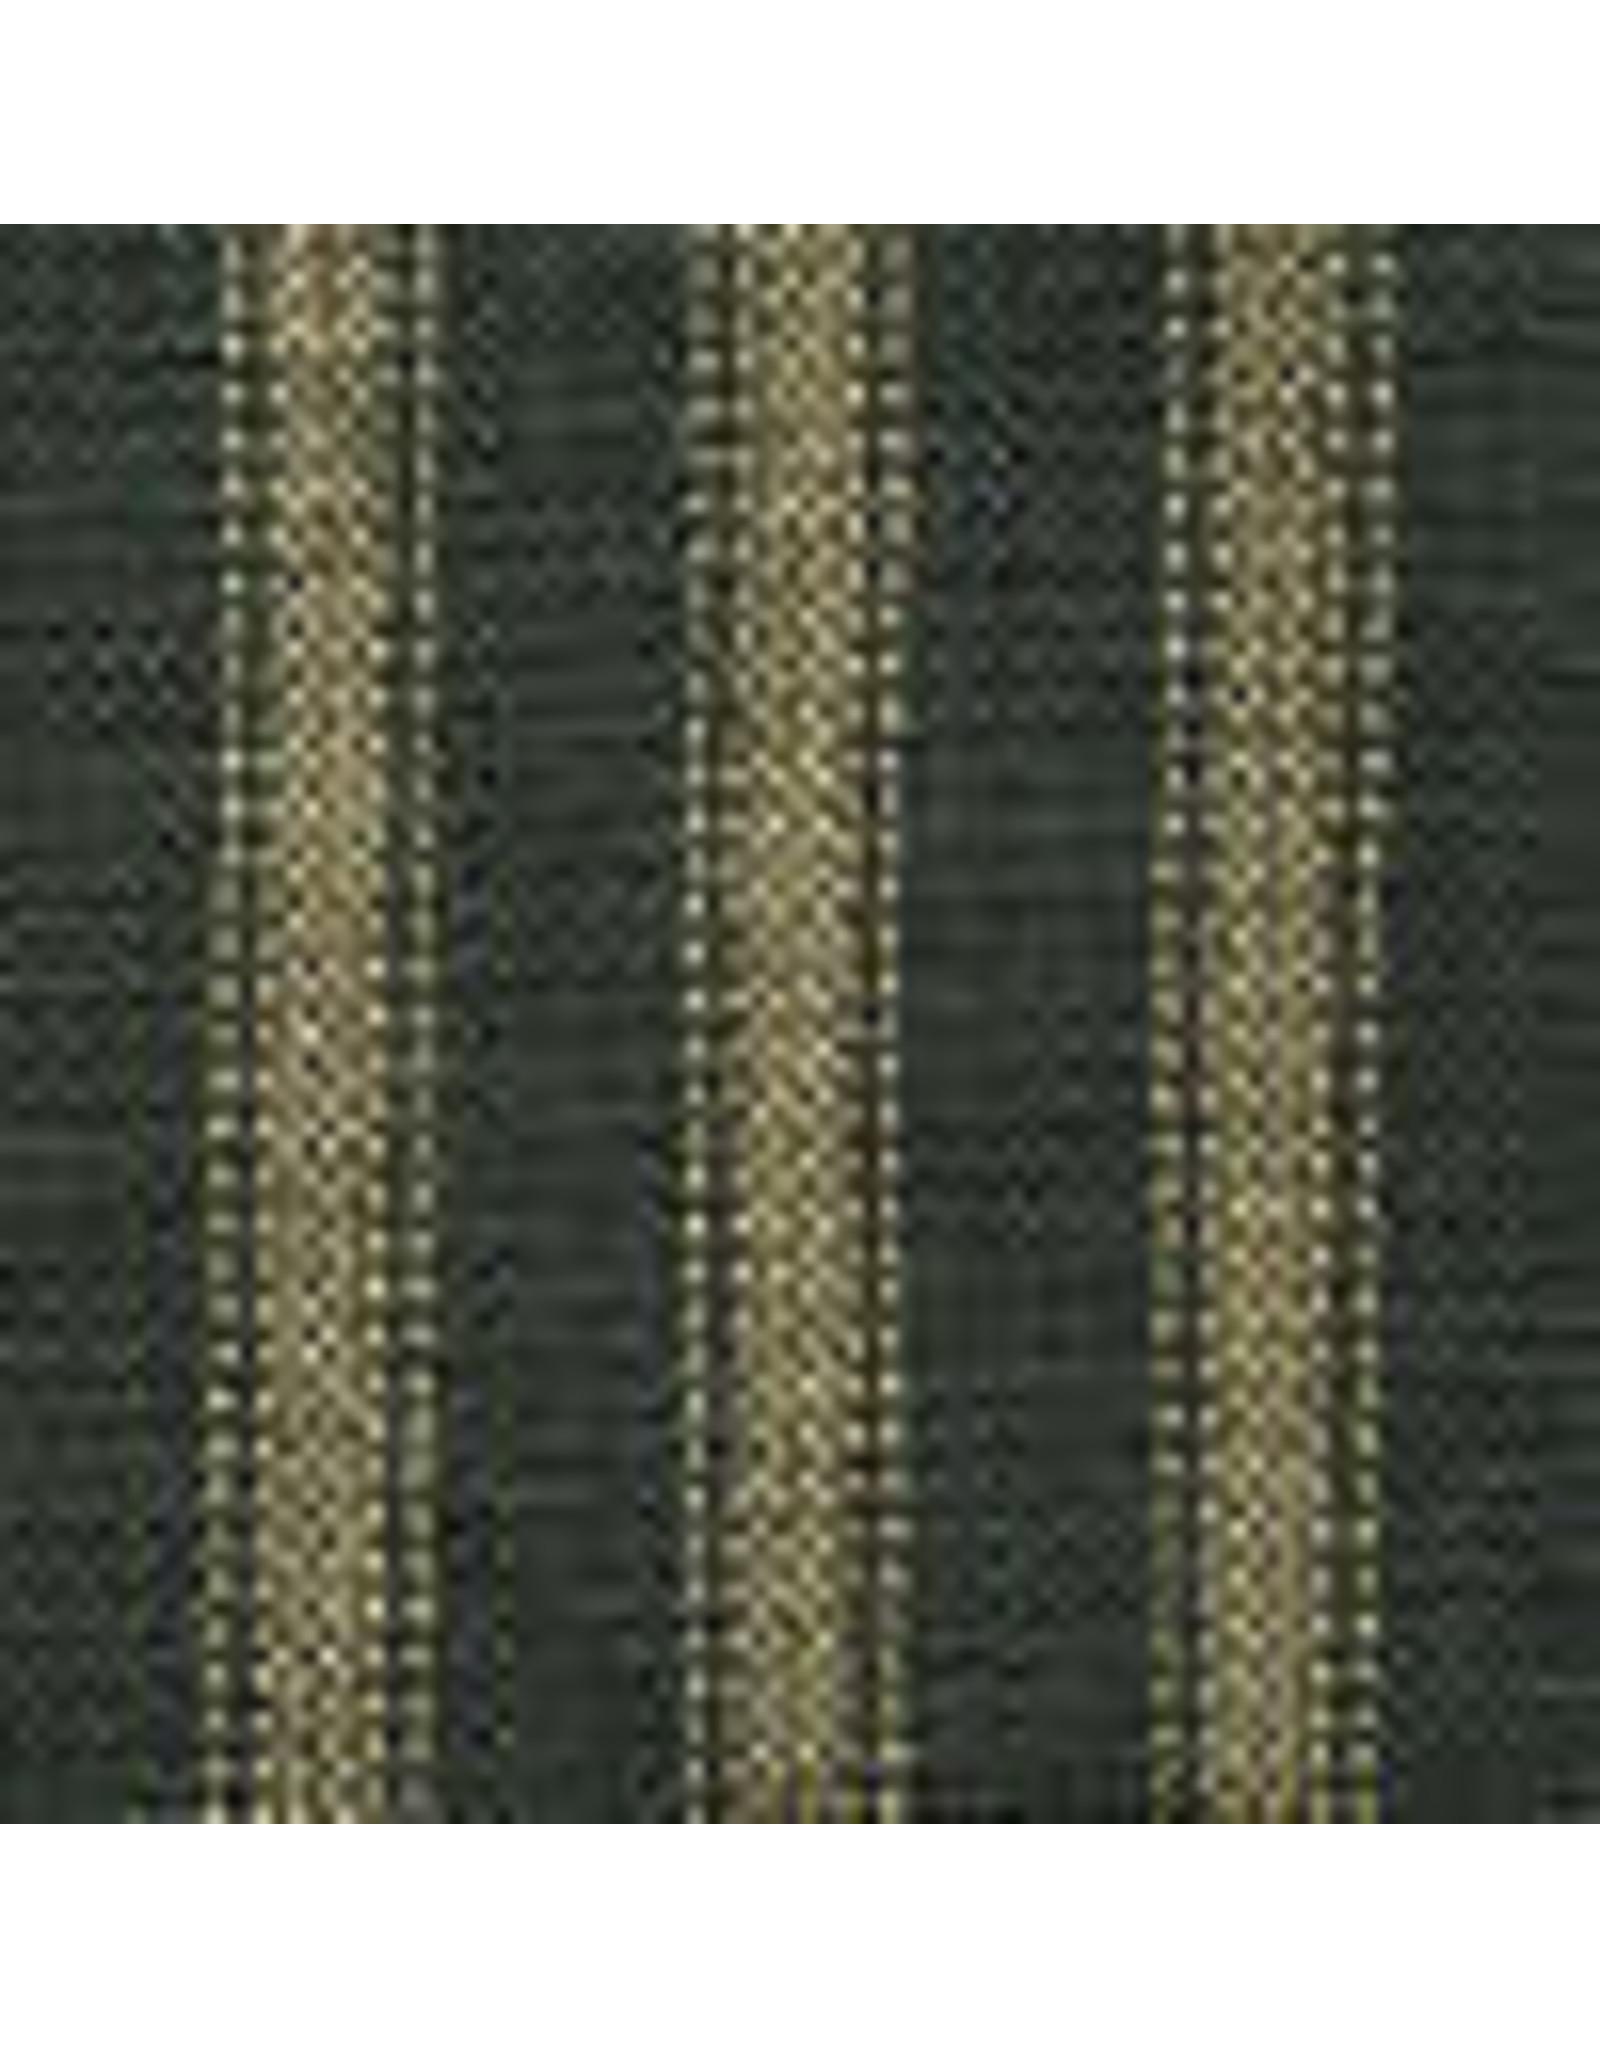 Yd. Green and Tan Dark Ticking Fabric #47